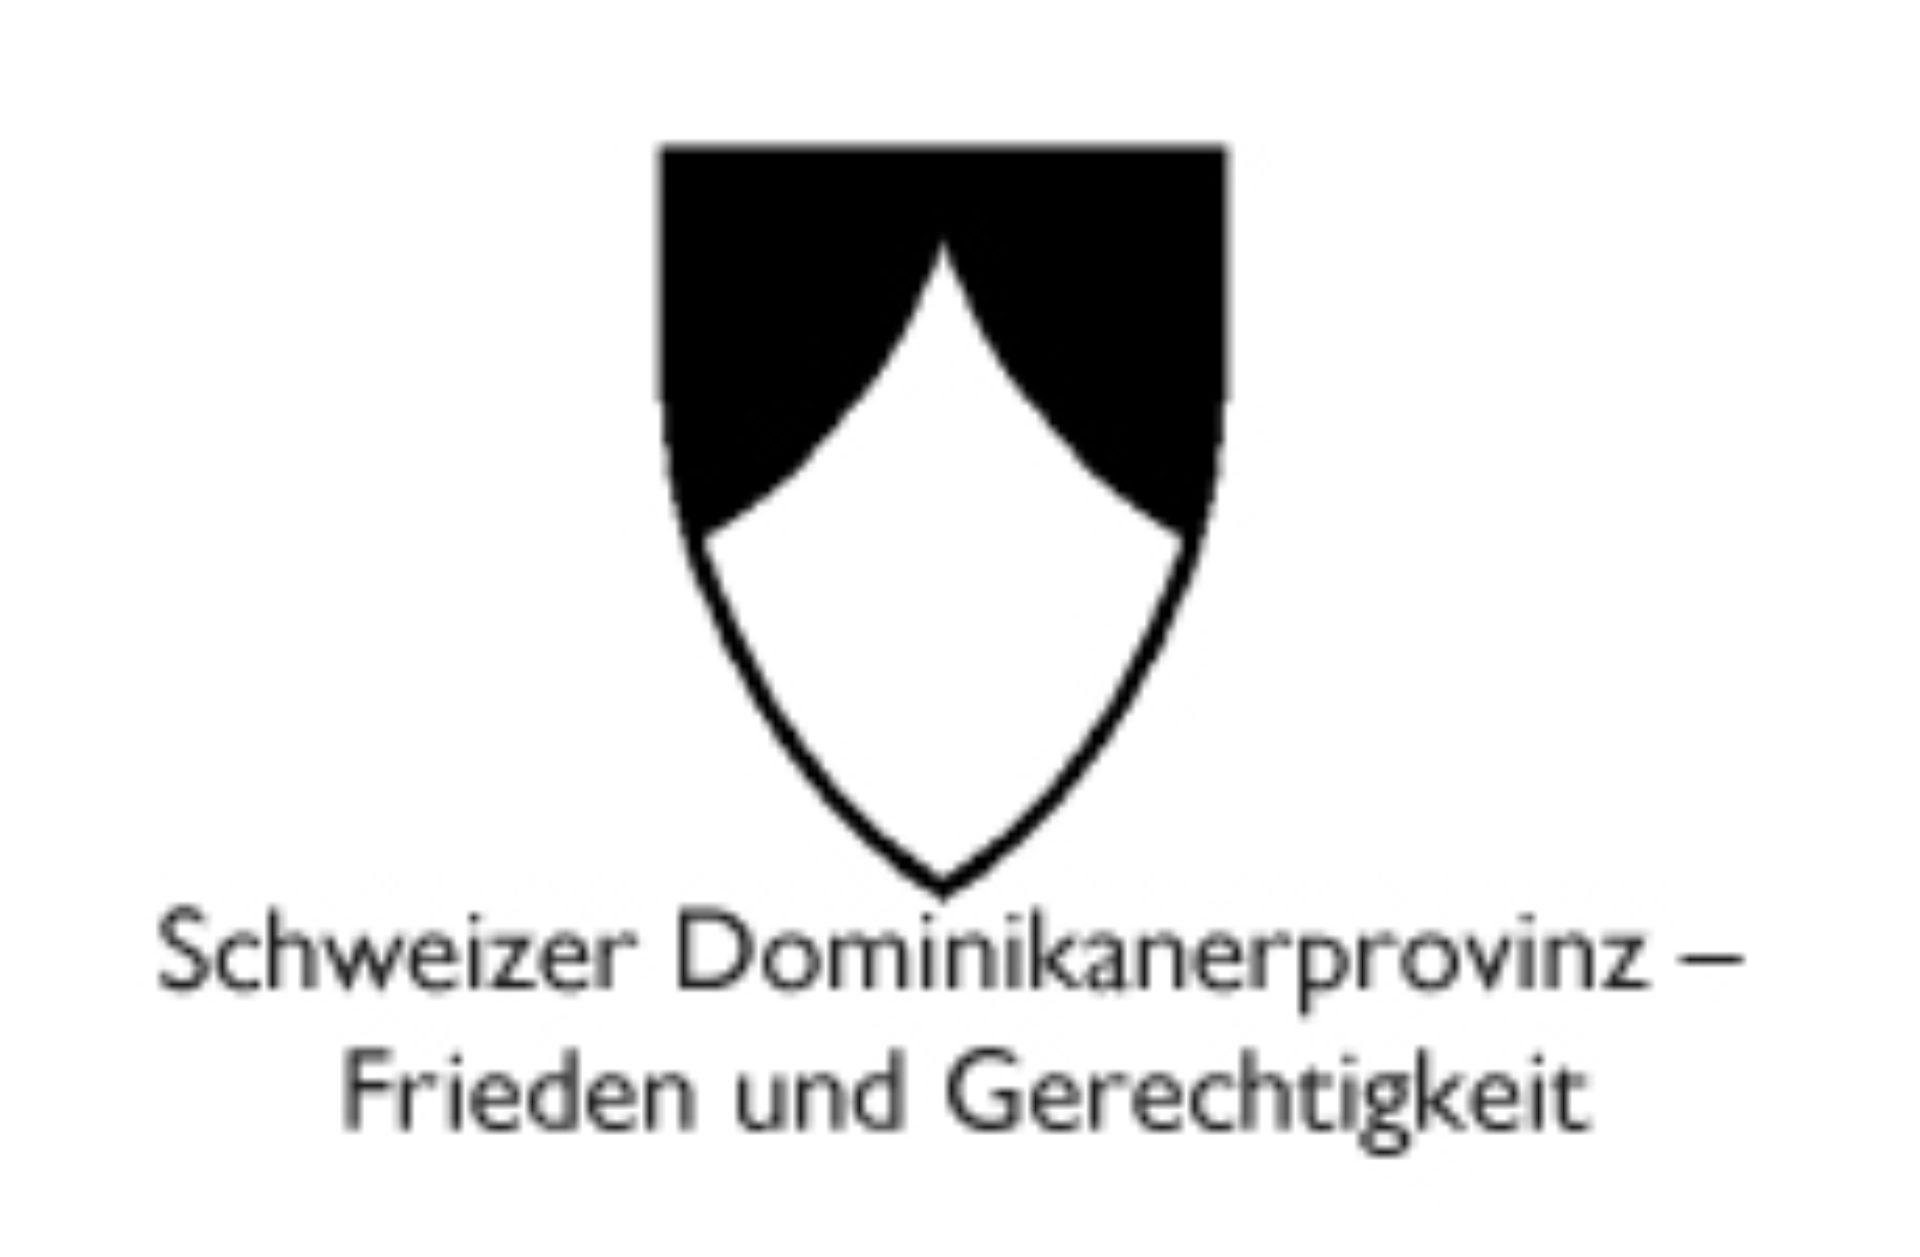 Schweizer Dominikaner – Gerechtigkeit und Frieden